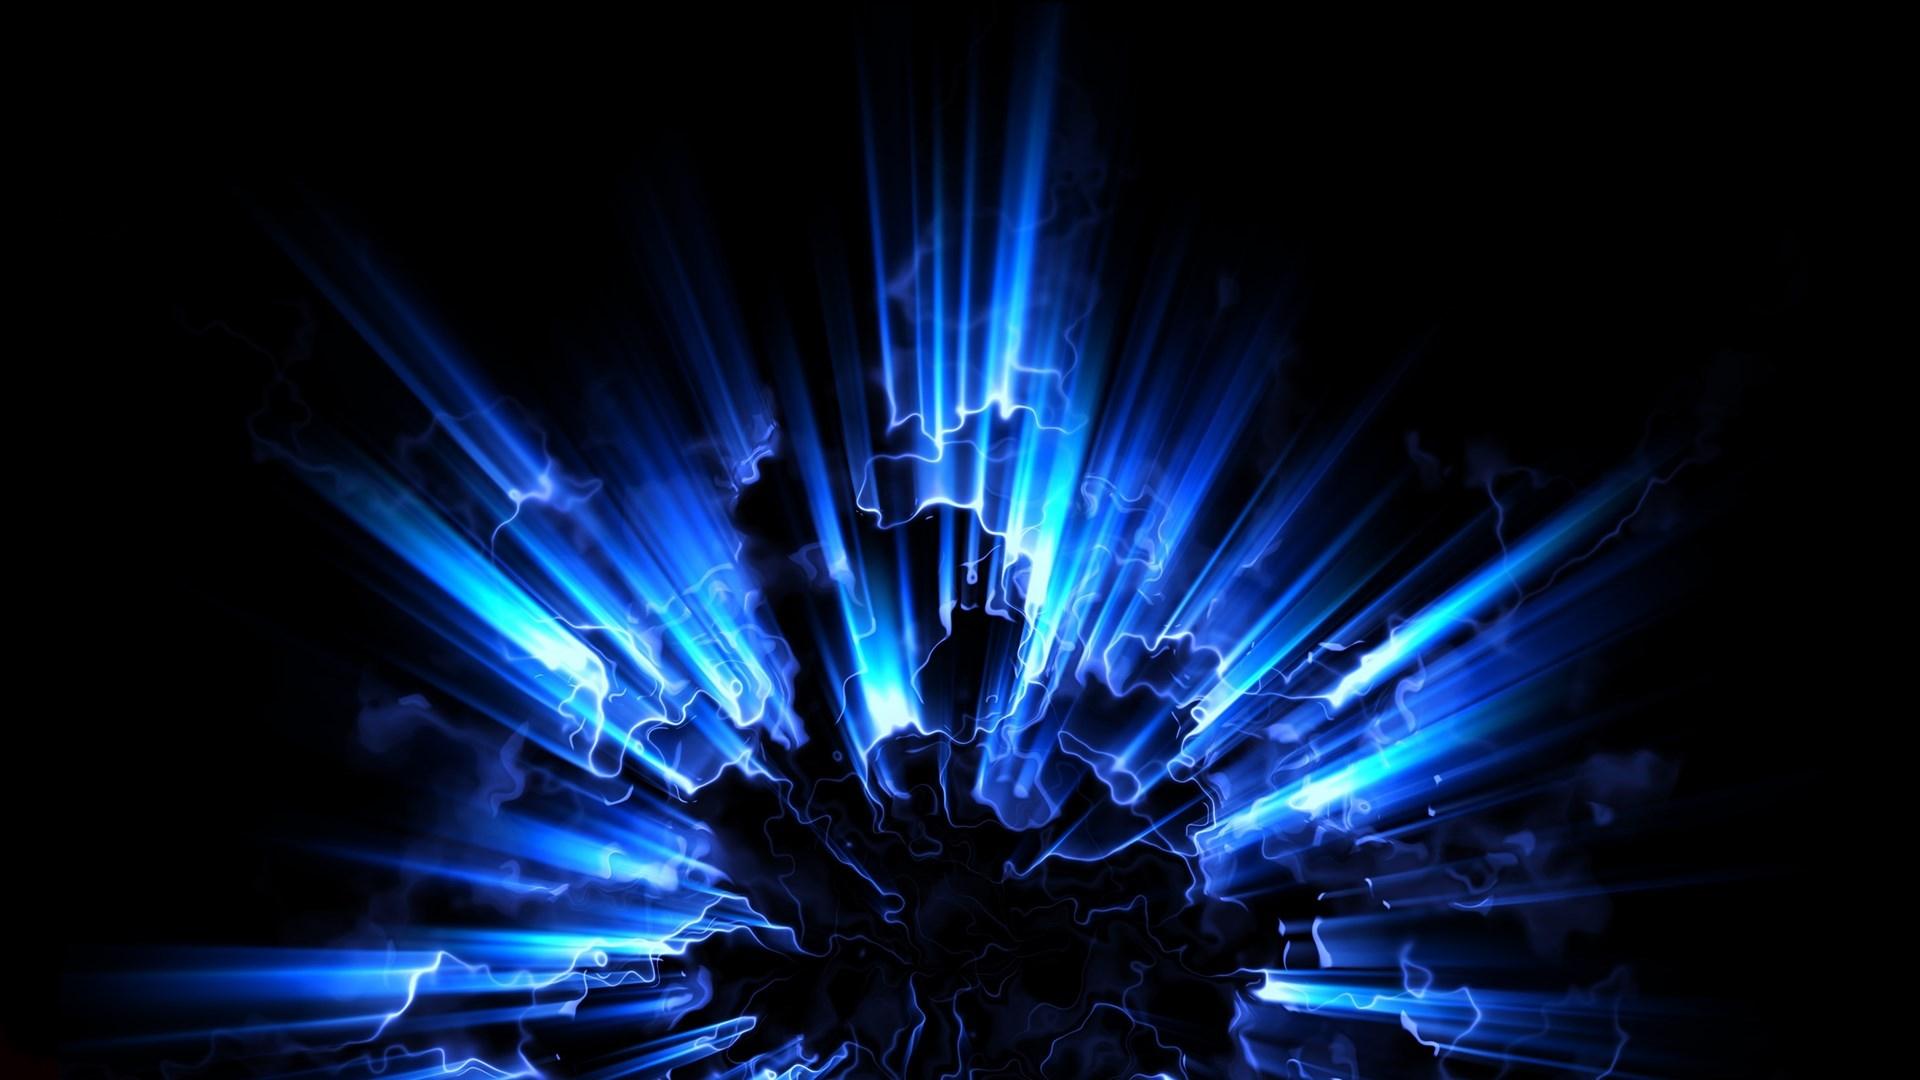 Glowing blue light wallpaper